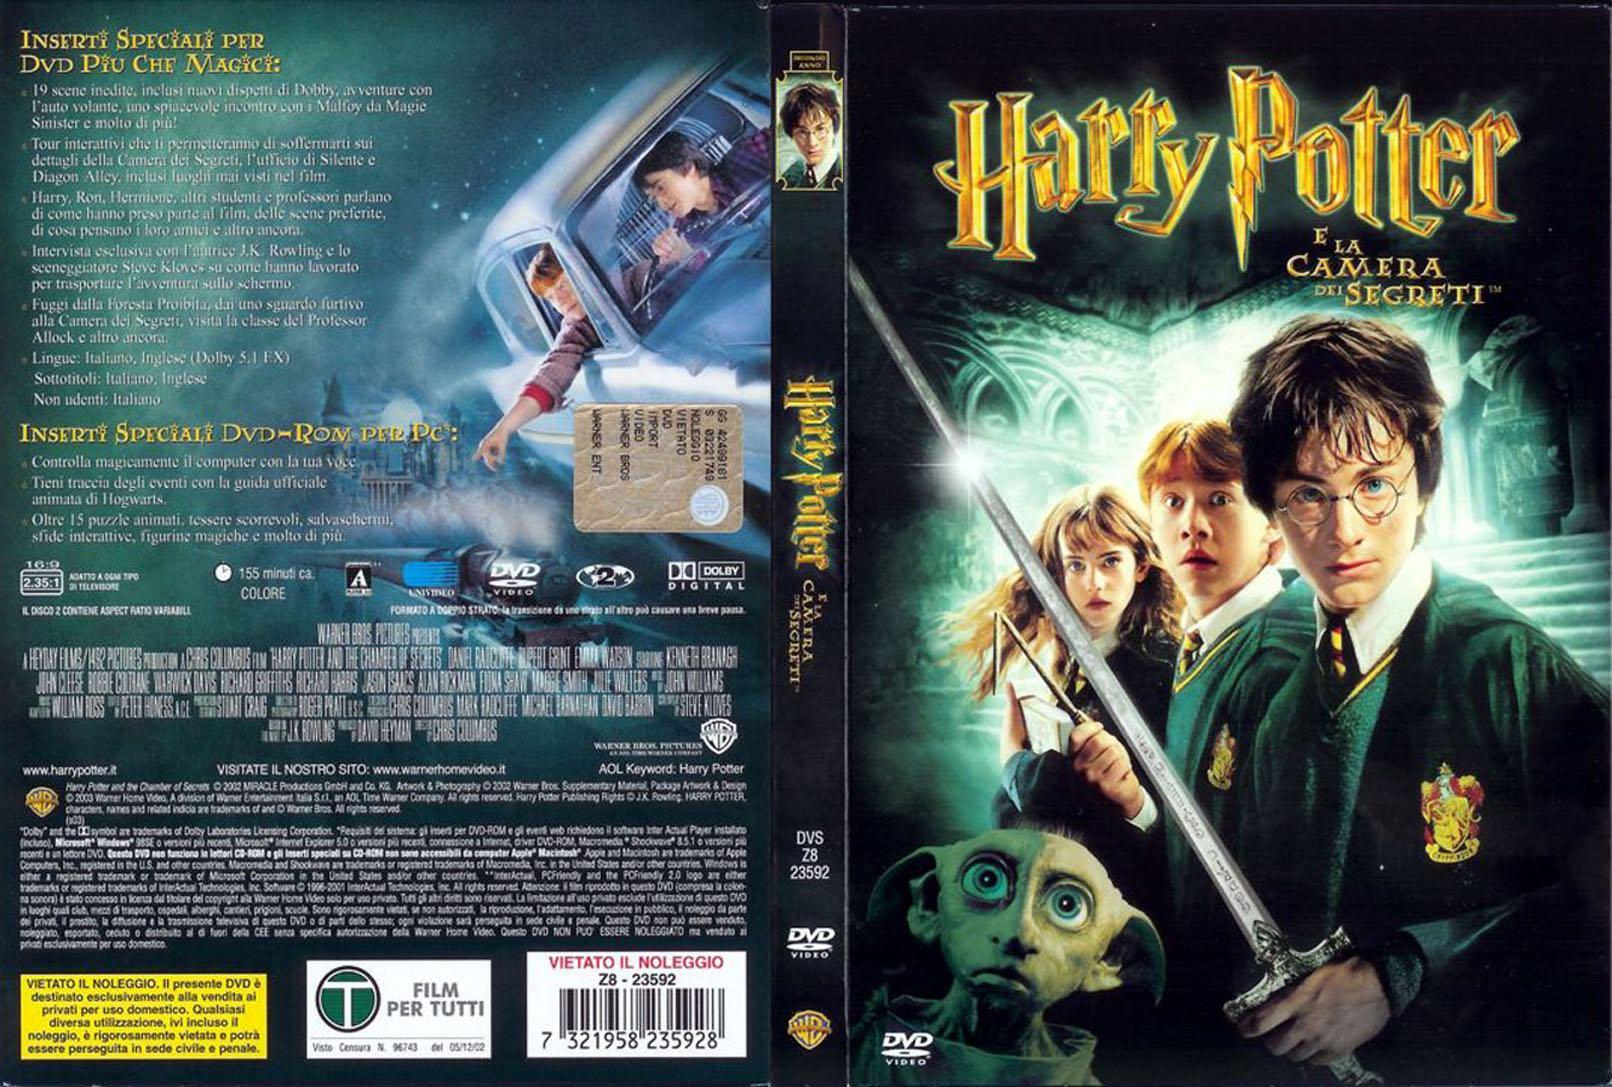 Harry Potter Camera Dei Segreti : Harry potter e la camera dei segreti il cine concerto u sul